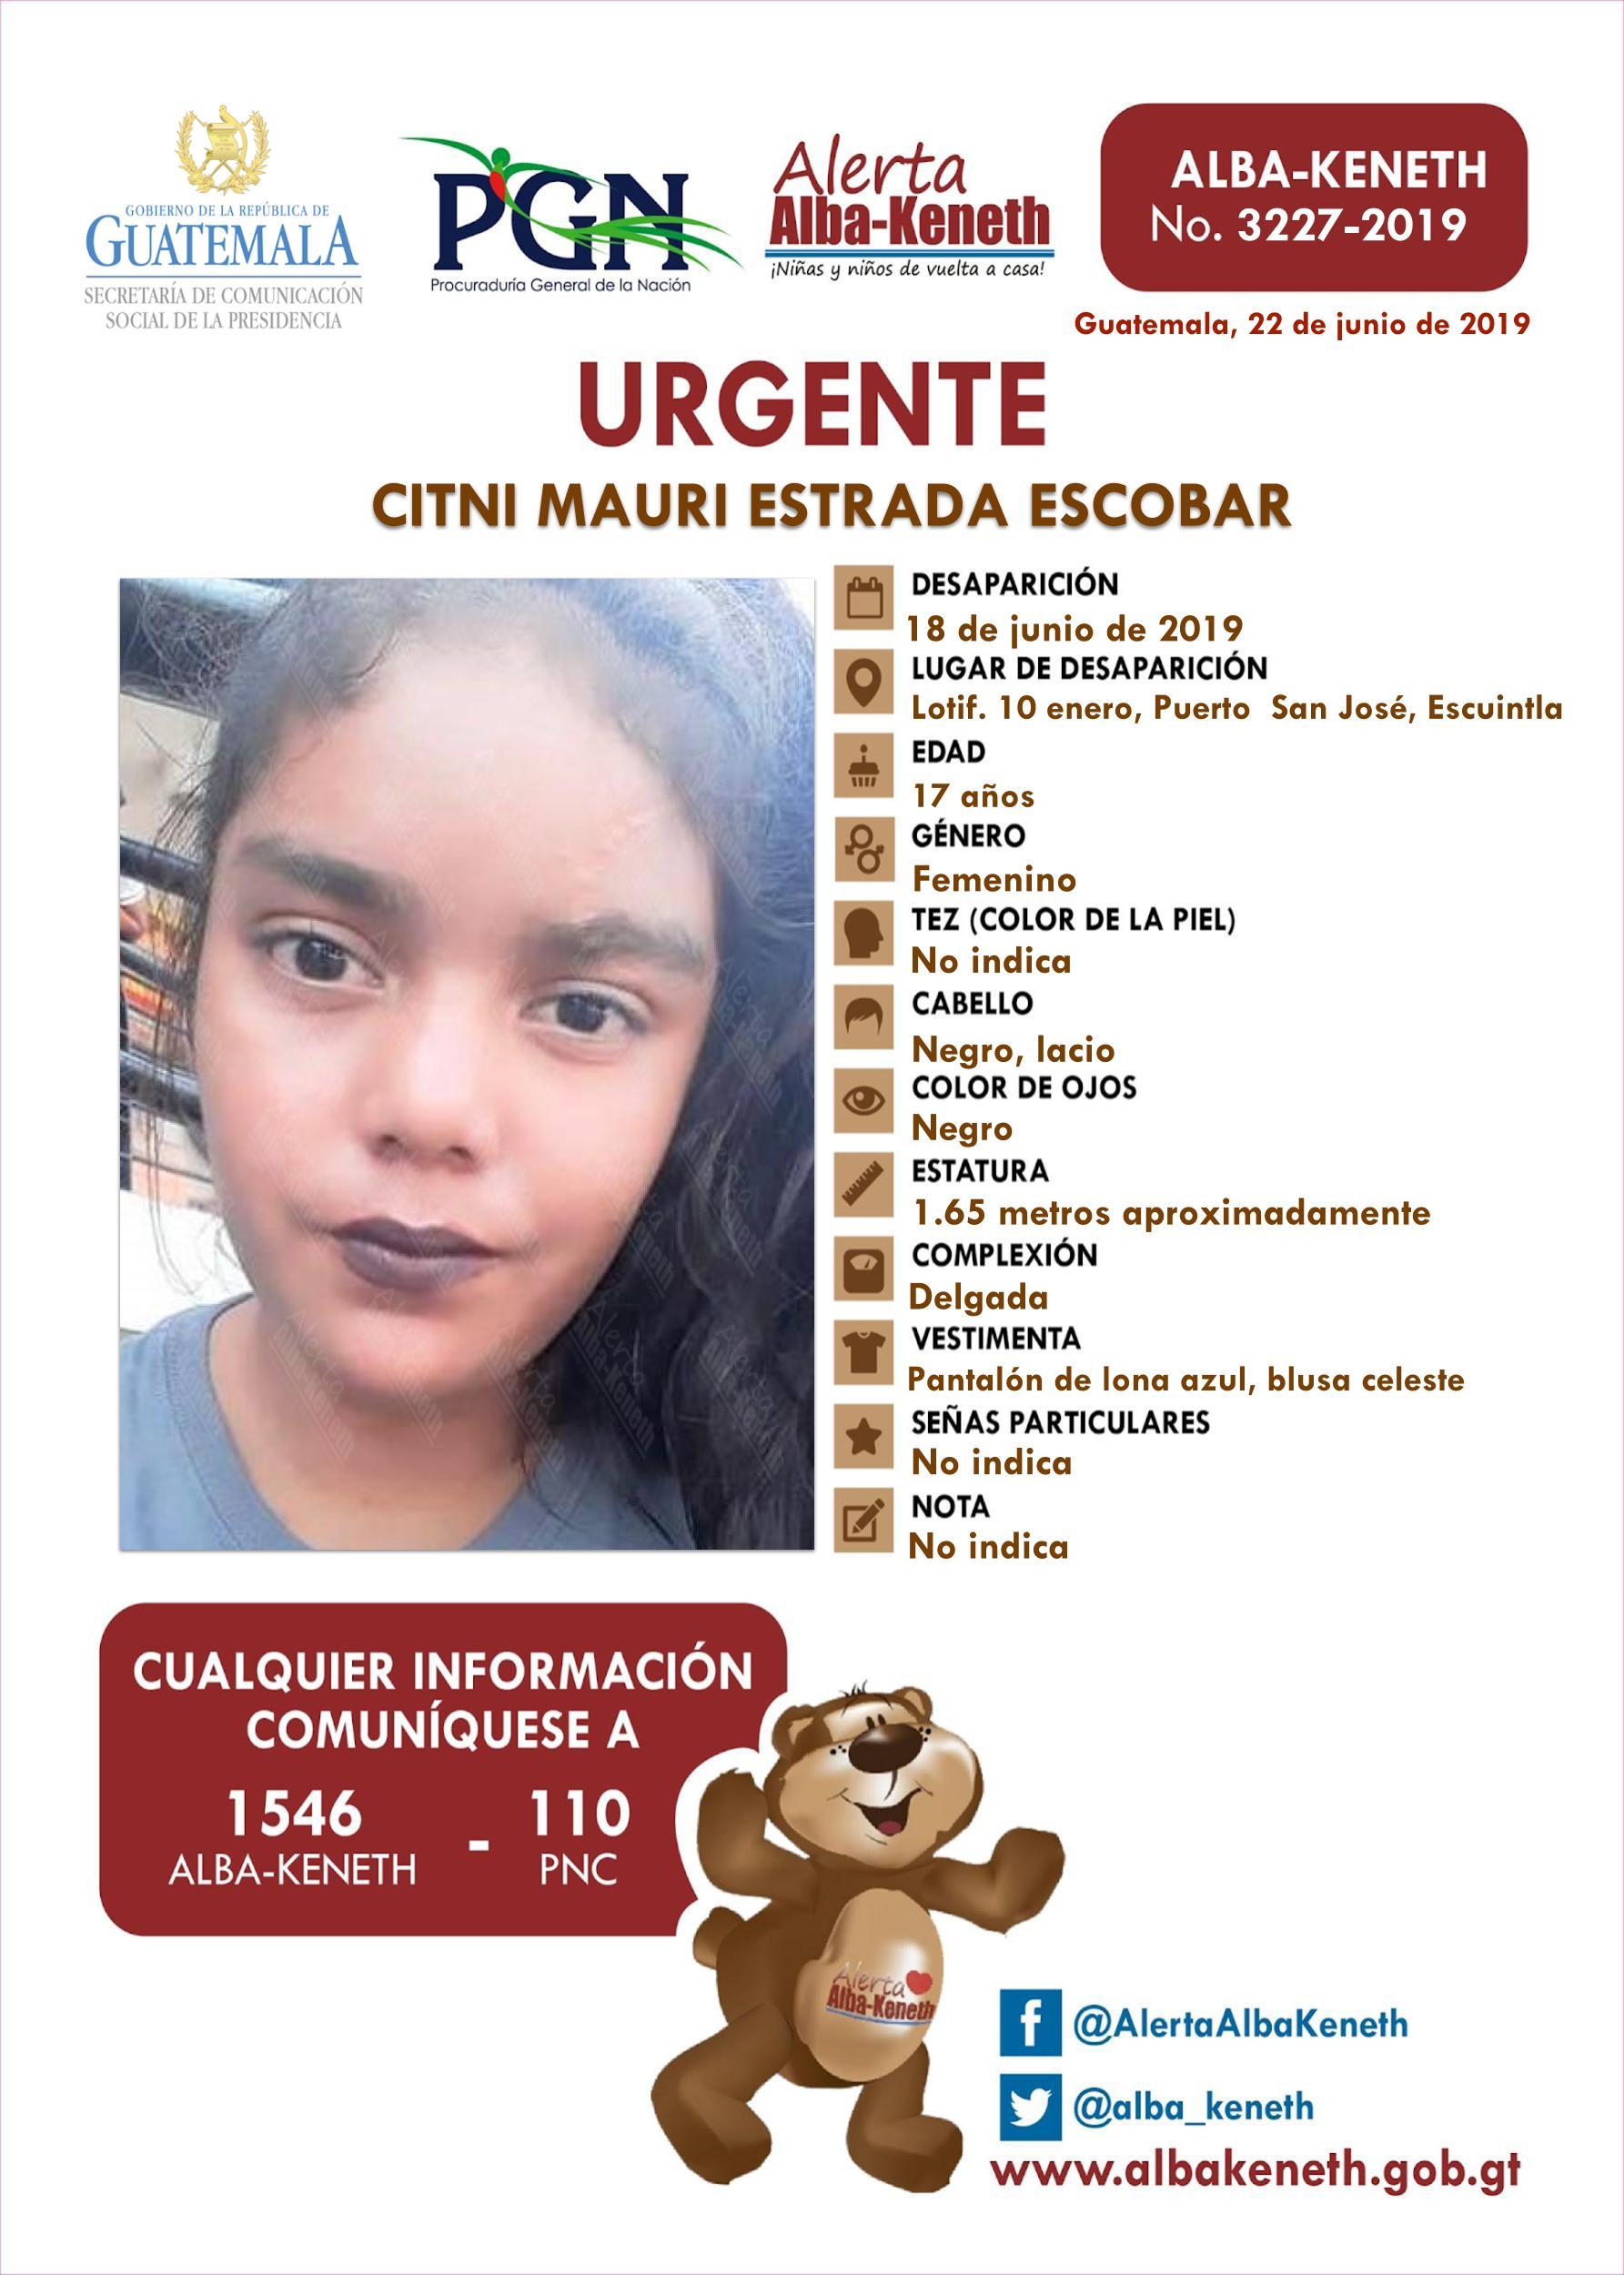 Citni Mauri Estrada Escobar